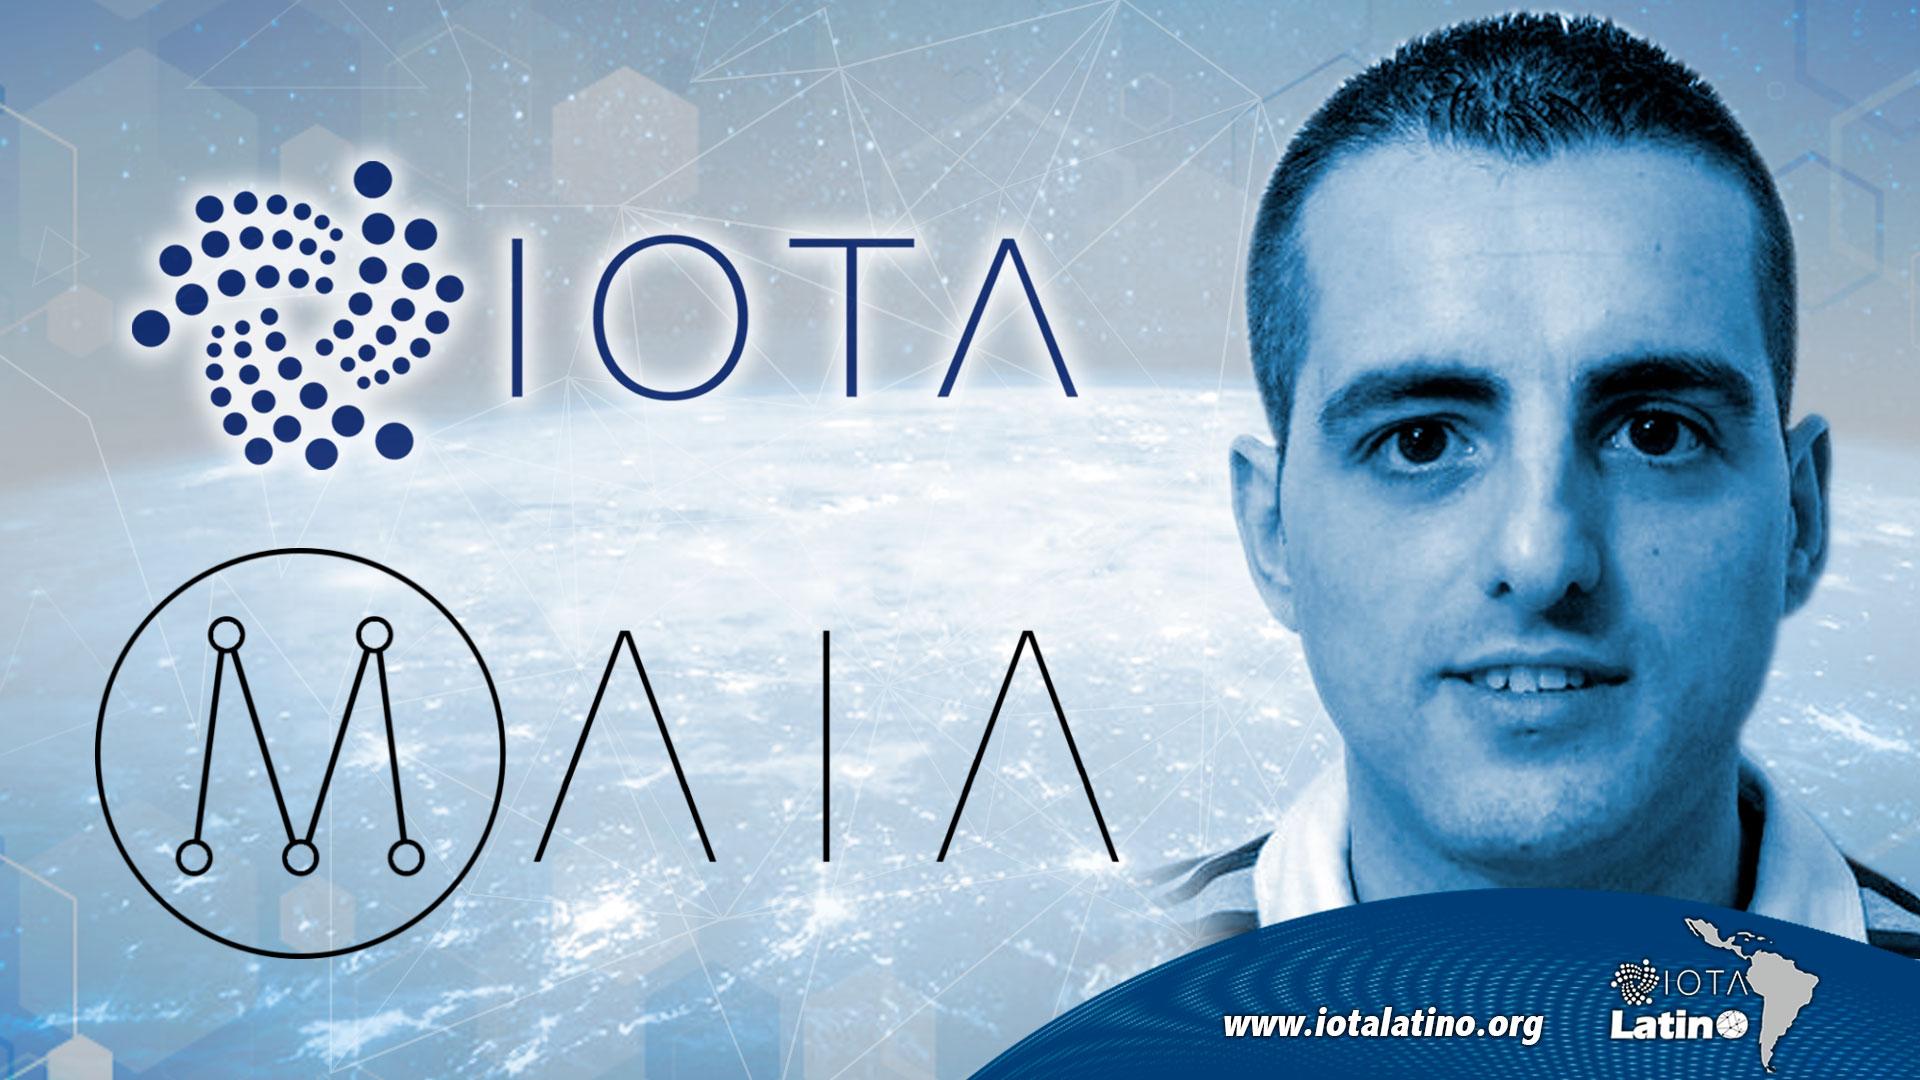 IOTA-MAIA